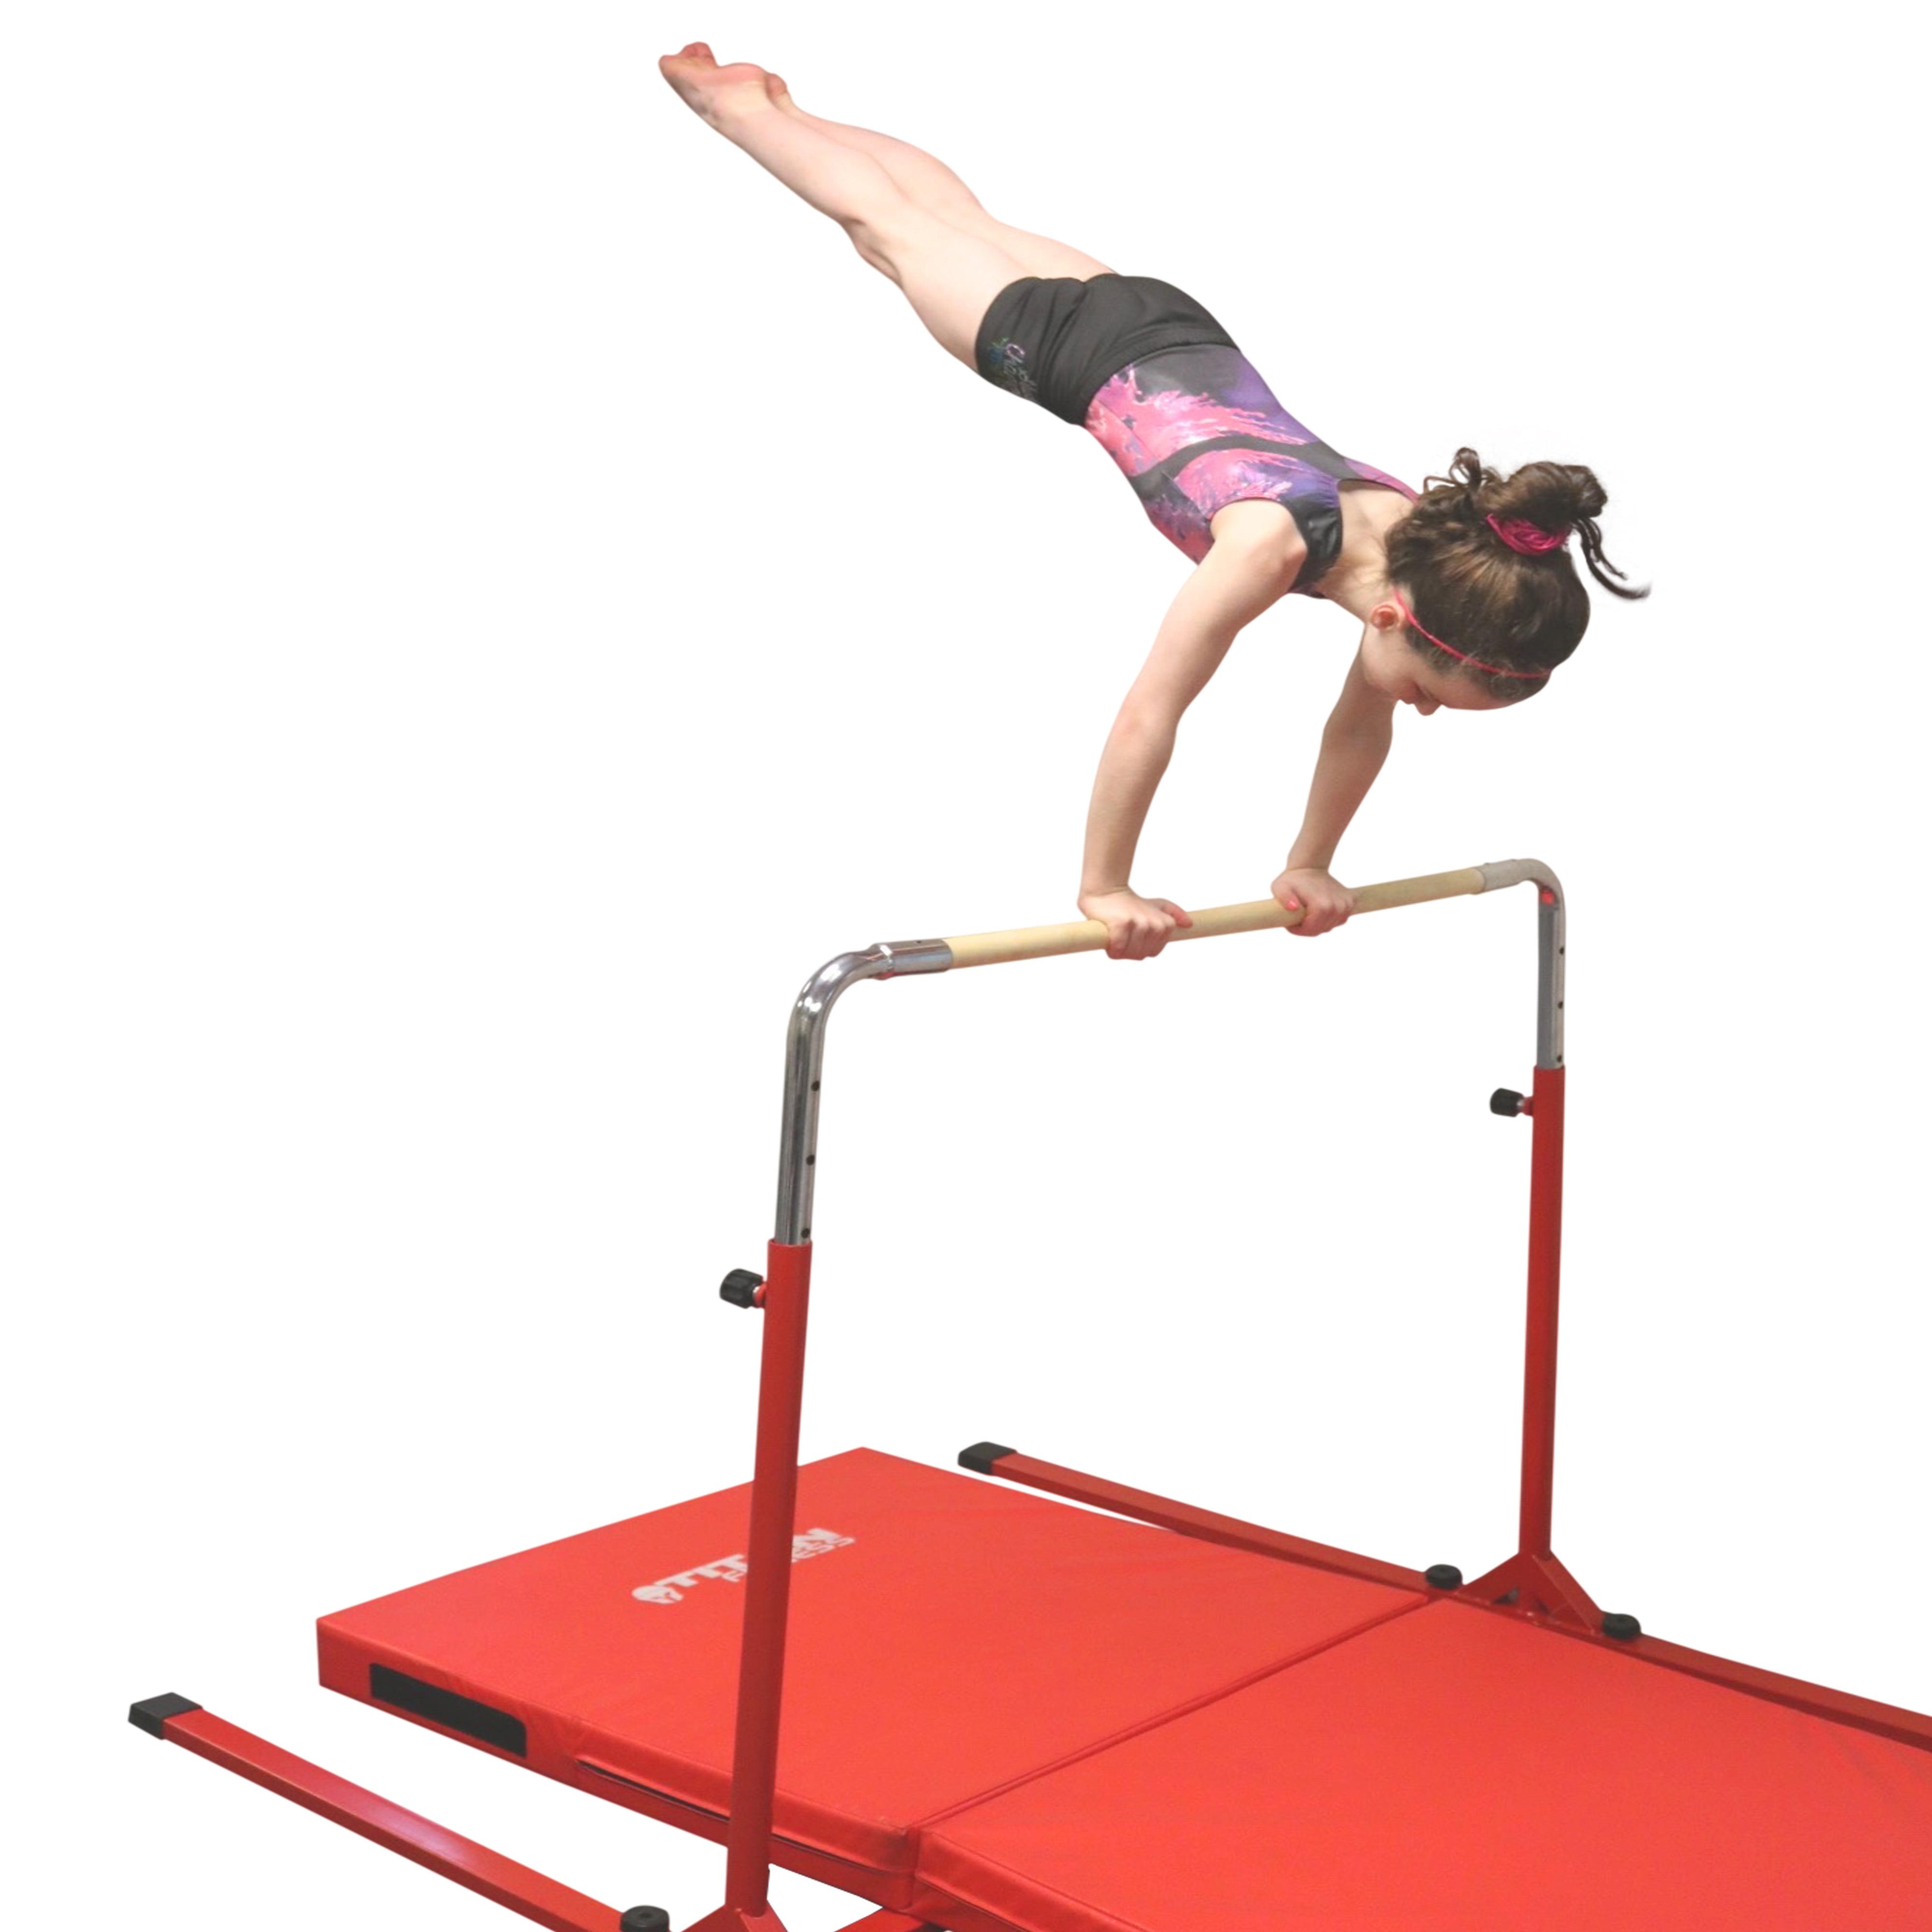 d4d0aee4e554 Titan Adjustable Jr. Gymnastics Kip Bar - Walmart.com